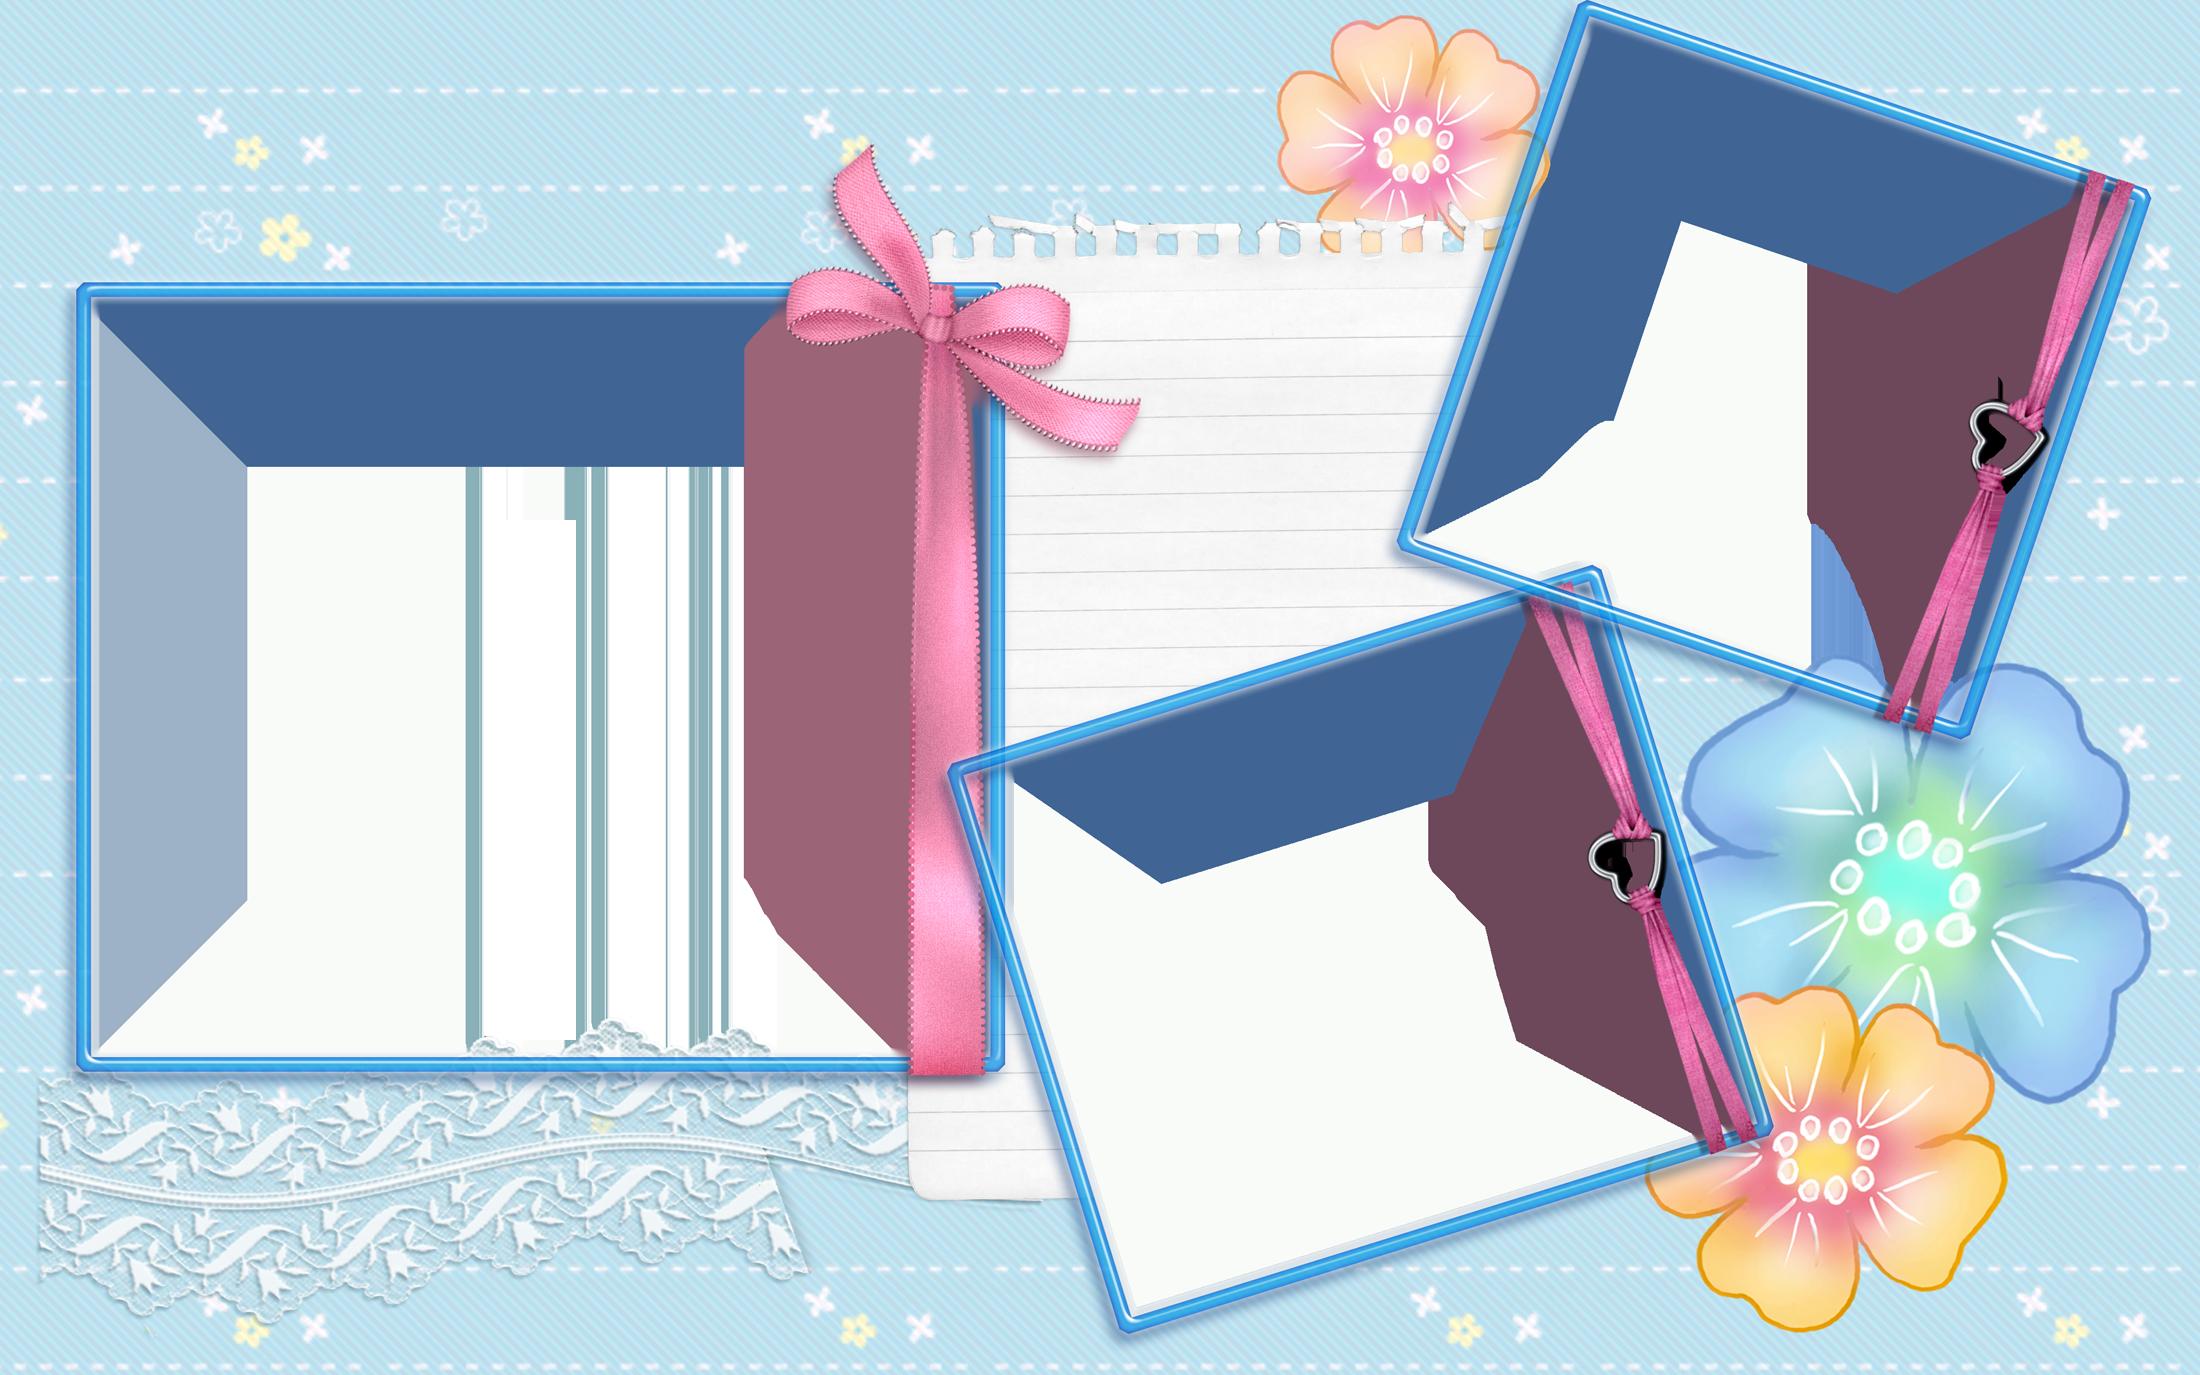 Подарки купить в интернет-магазине «Ребенок в доме»